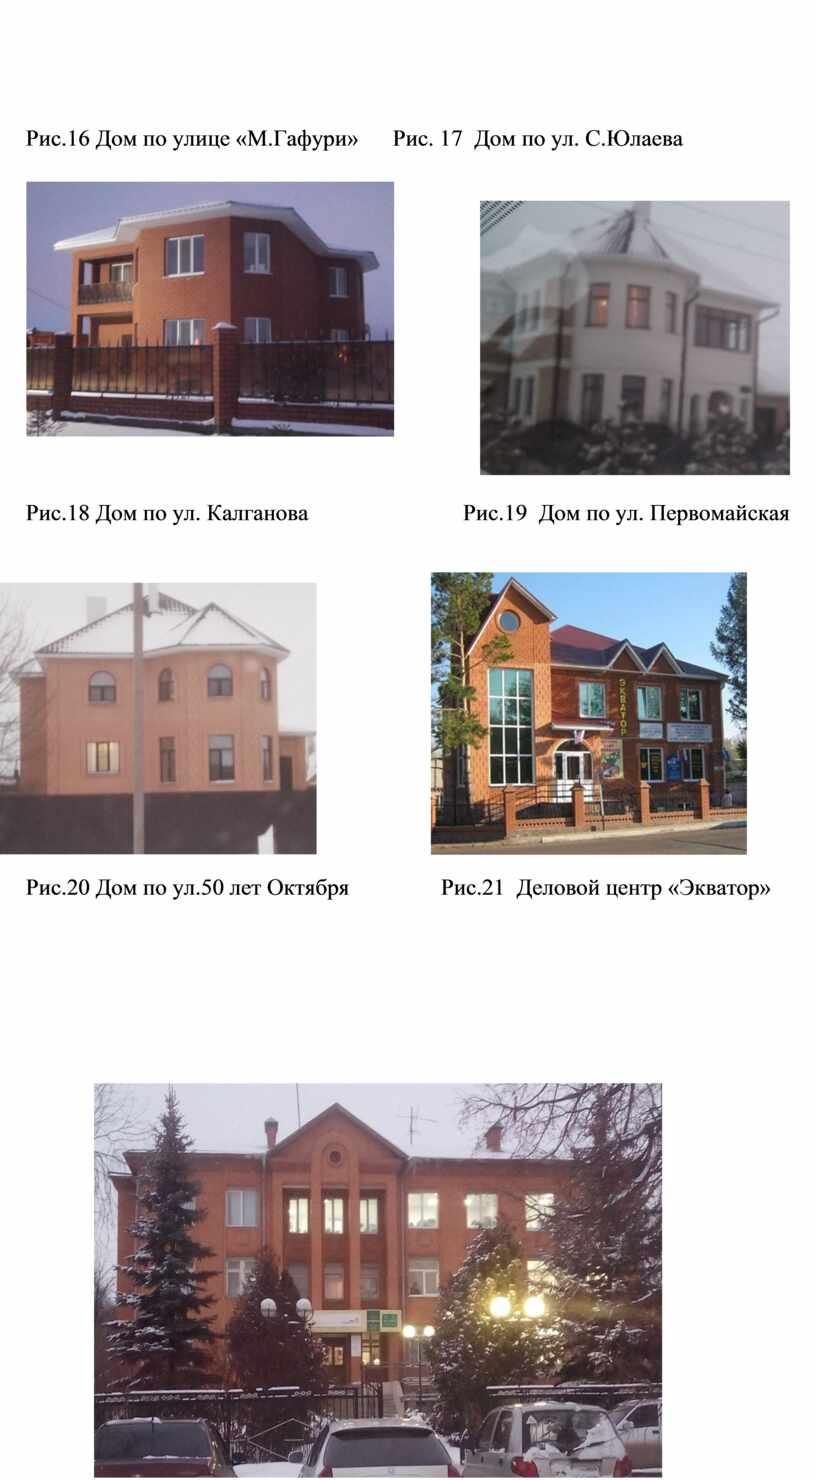 Рис.16 Дом по улице «М.Гафури»